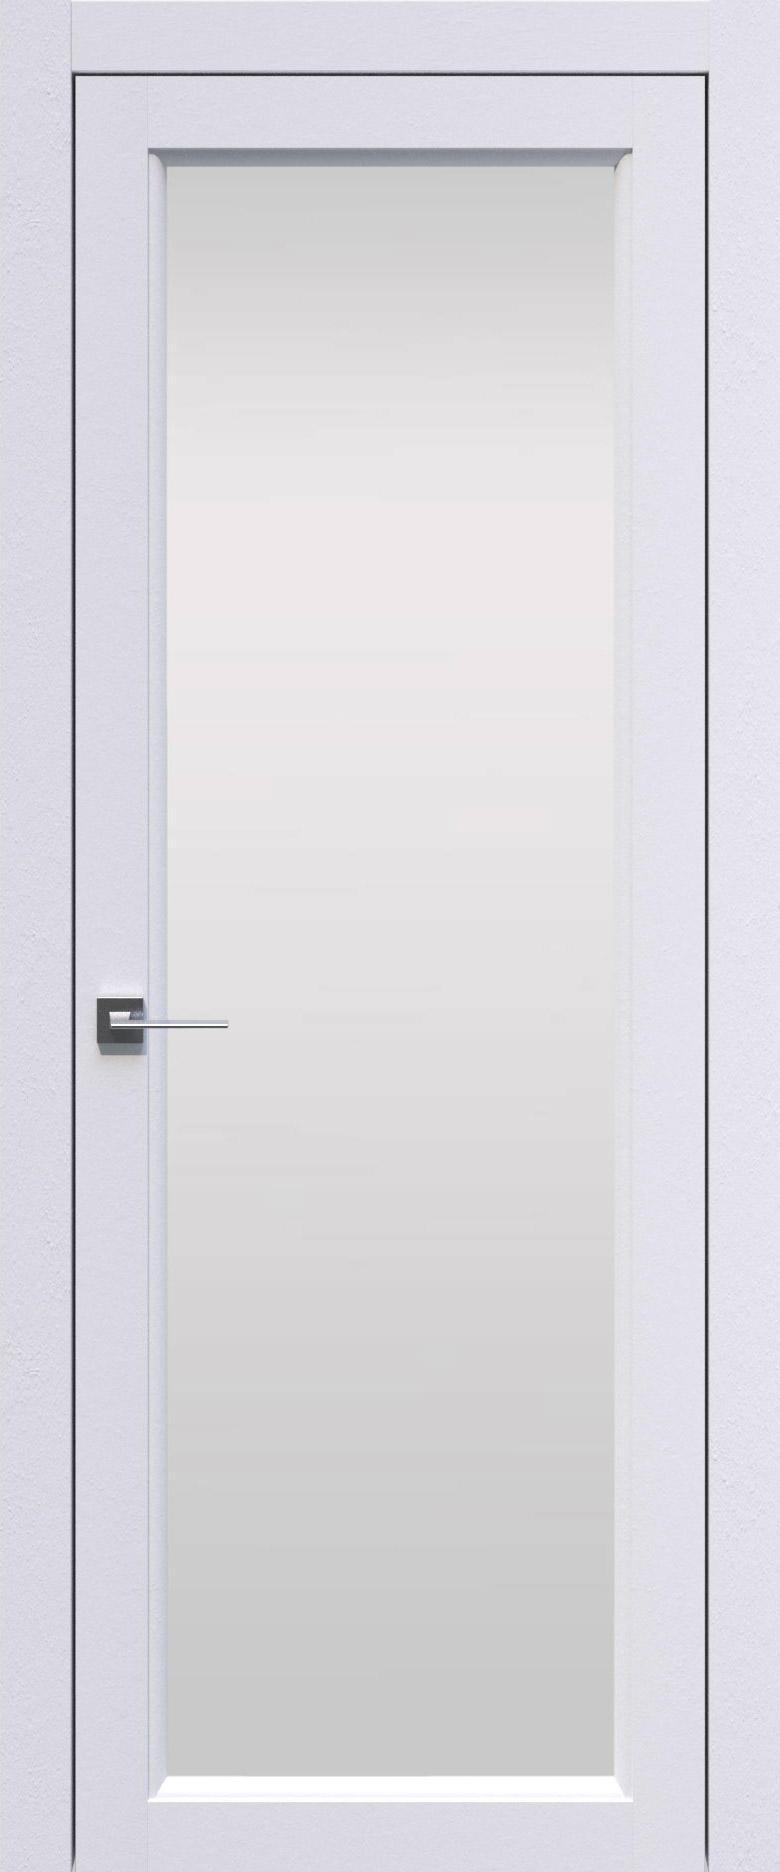 Sorrento-R Б4 цвет - Арктик белый Со стеклом (ДО)